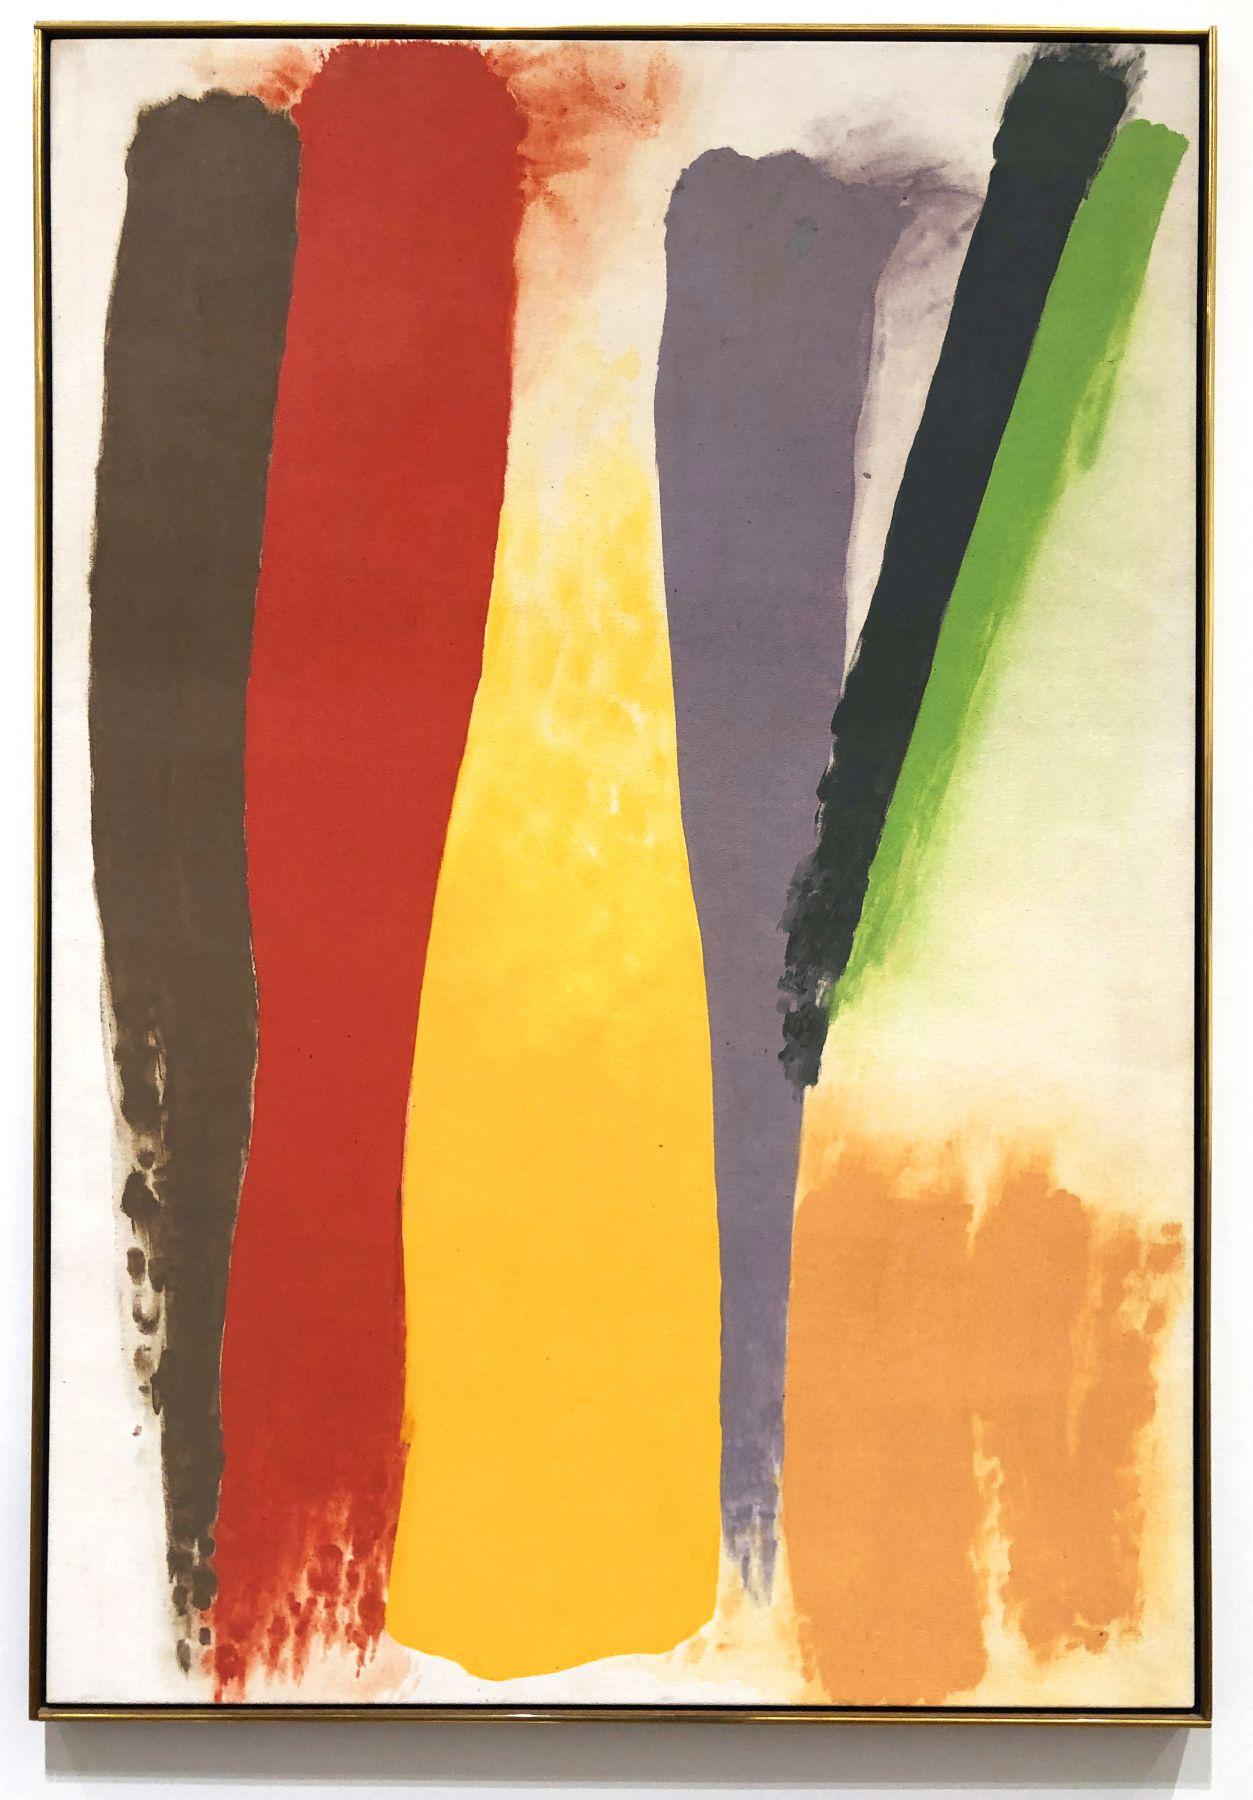 Friedel Dzubas, Center Yellow, 1973